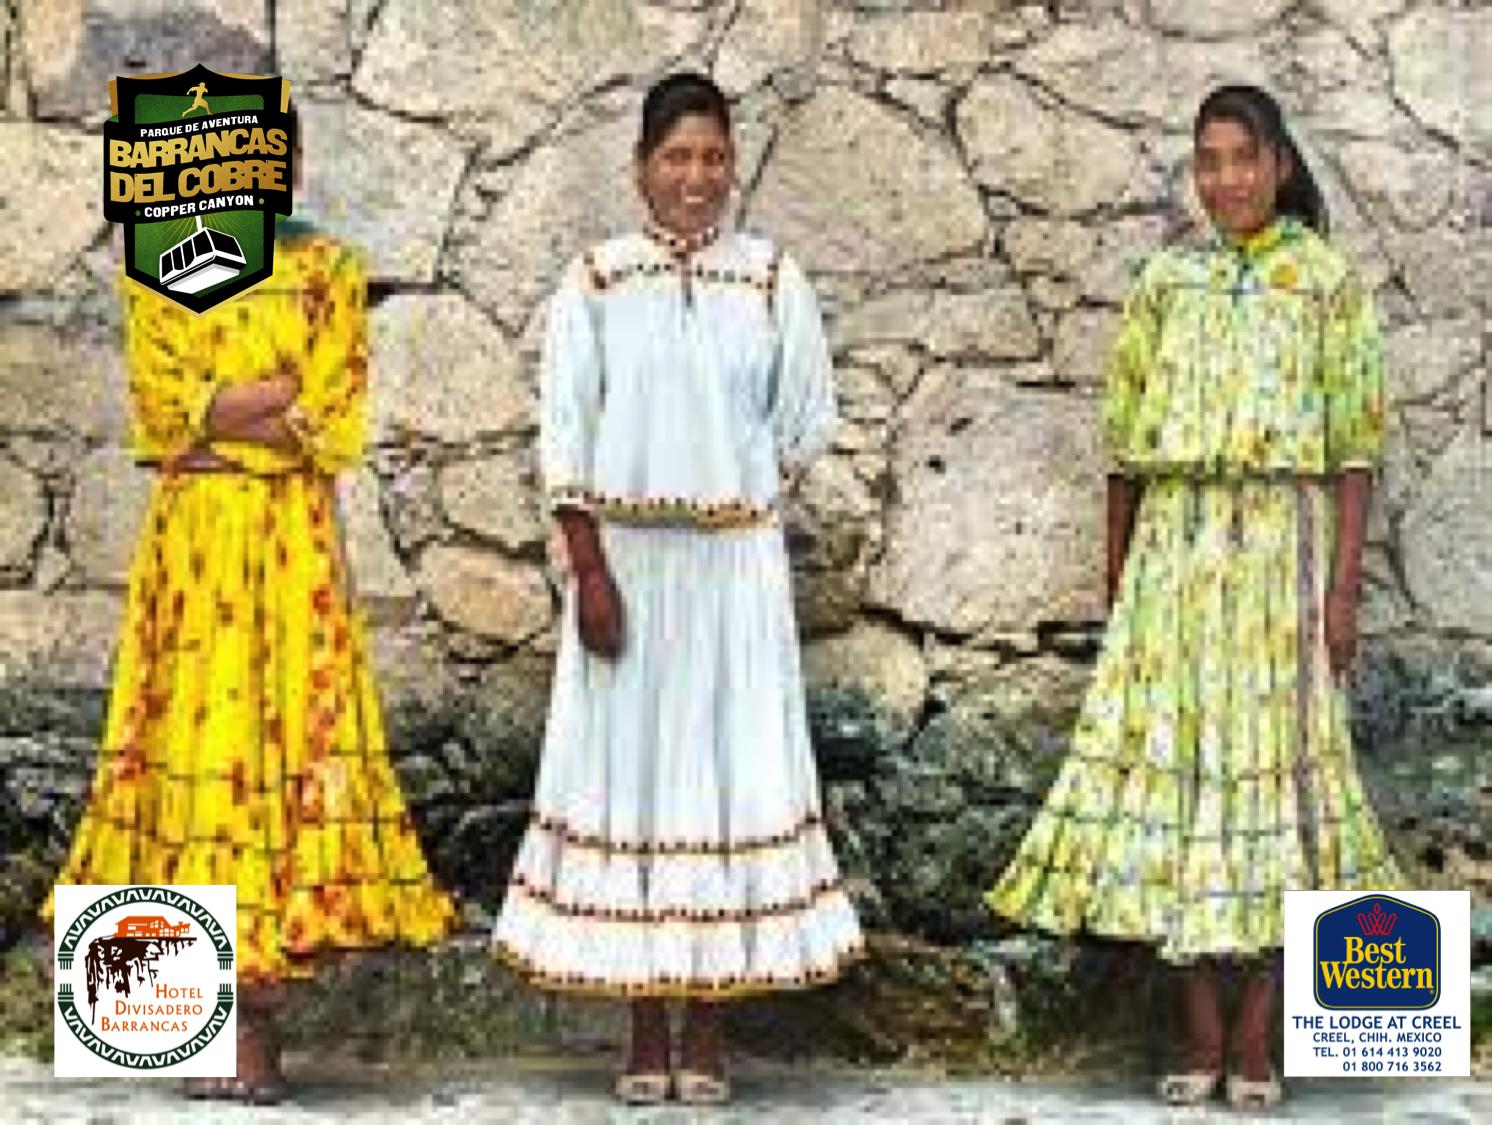 INFORMACIÓN BARRANCAS DEL COBRE te dice visita la zona de las barrancas. Y las comunidades tarahumaras. Los Tarahumaras han sobrevivido al pasar de los años y hoy por hoy siguen siendo una tribu fuerte, sana y unida. www.chihuahua.gob.mx/turismoweb